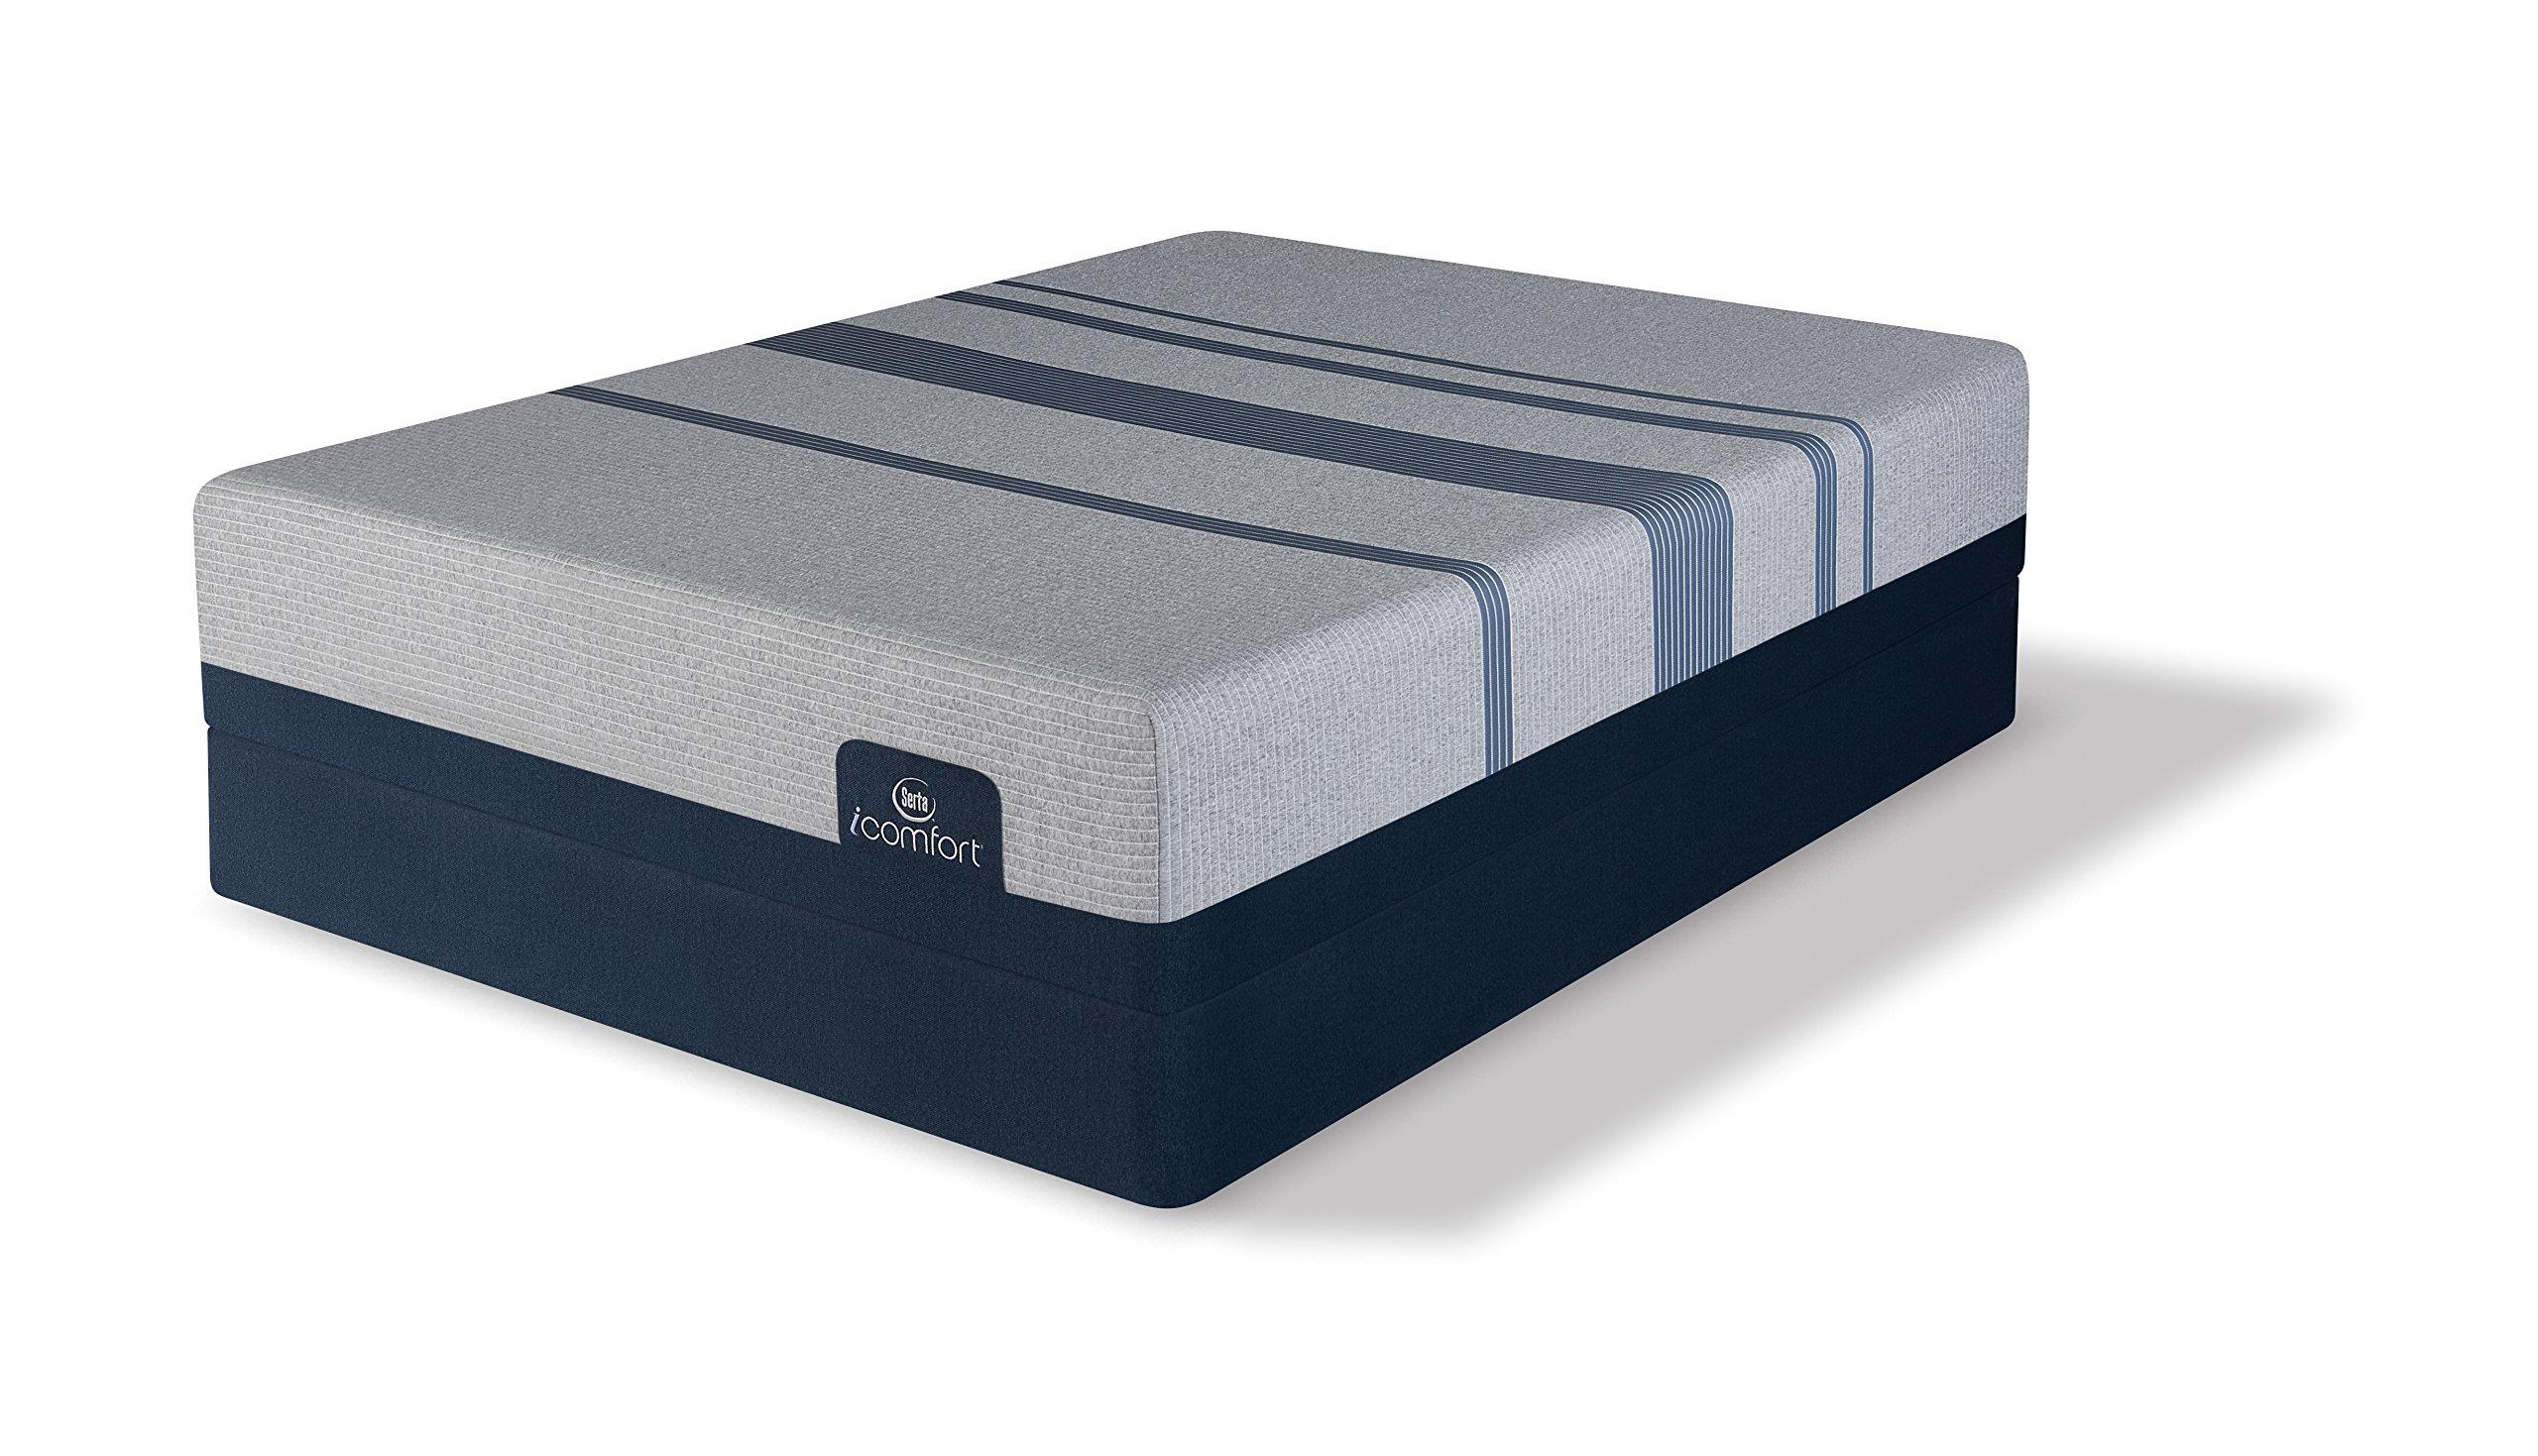 SERTA iCOMFORT BLUE MAX 3000 KING MATTRESS by Serta